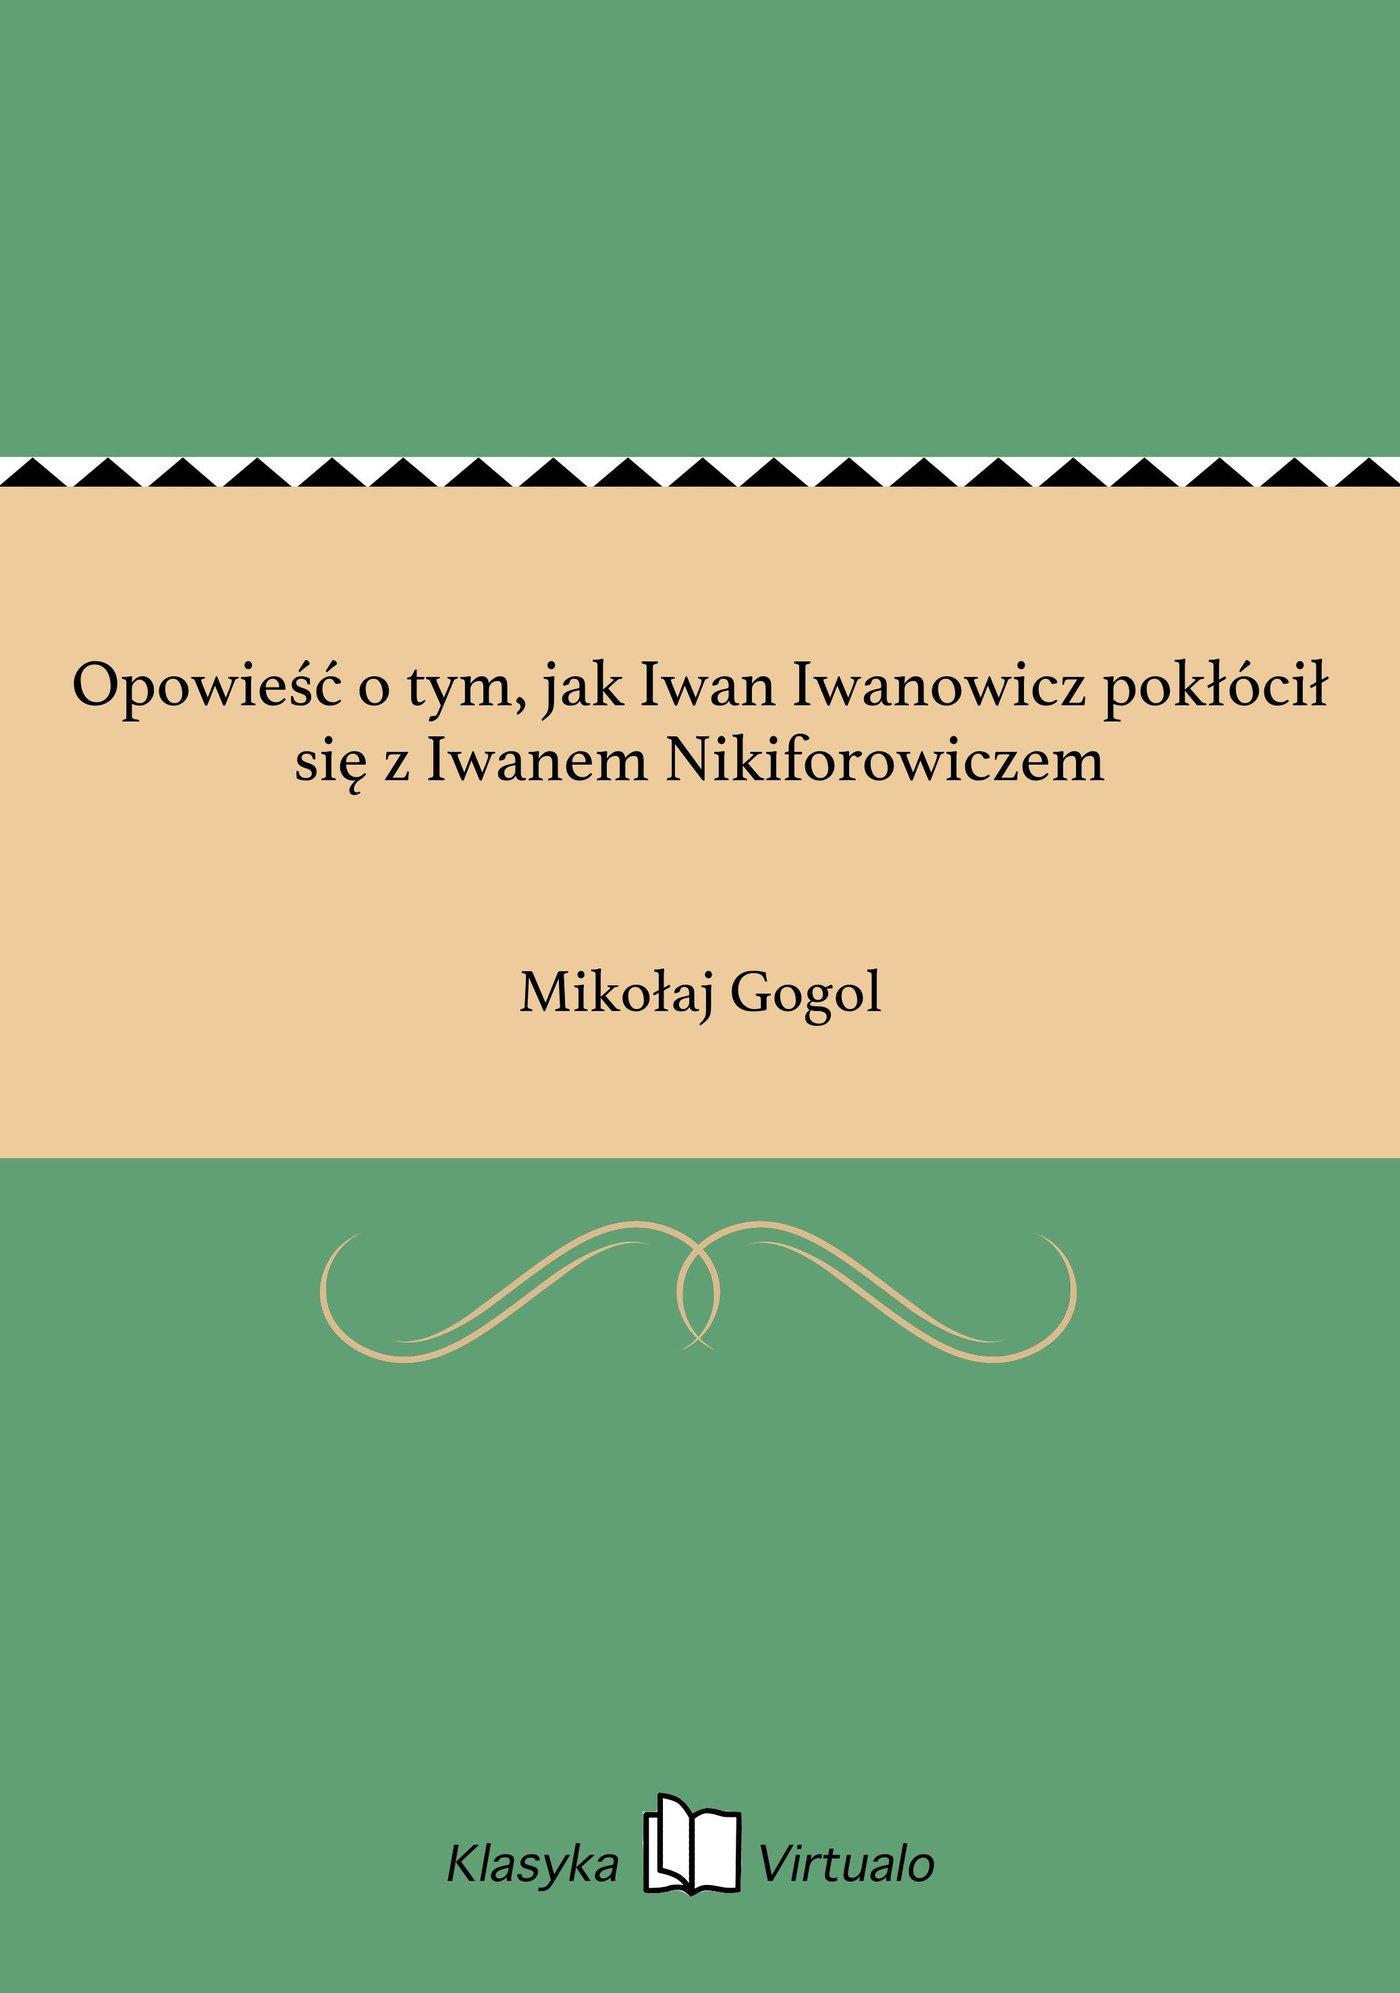 Opowieść o tym, jak Iwan Iwanowicz pokłócił się z Iwanem Nikiforowiczem - Ebook (Książka EPUB) do pobrania w formacie EPUB